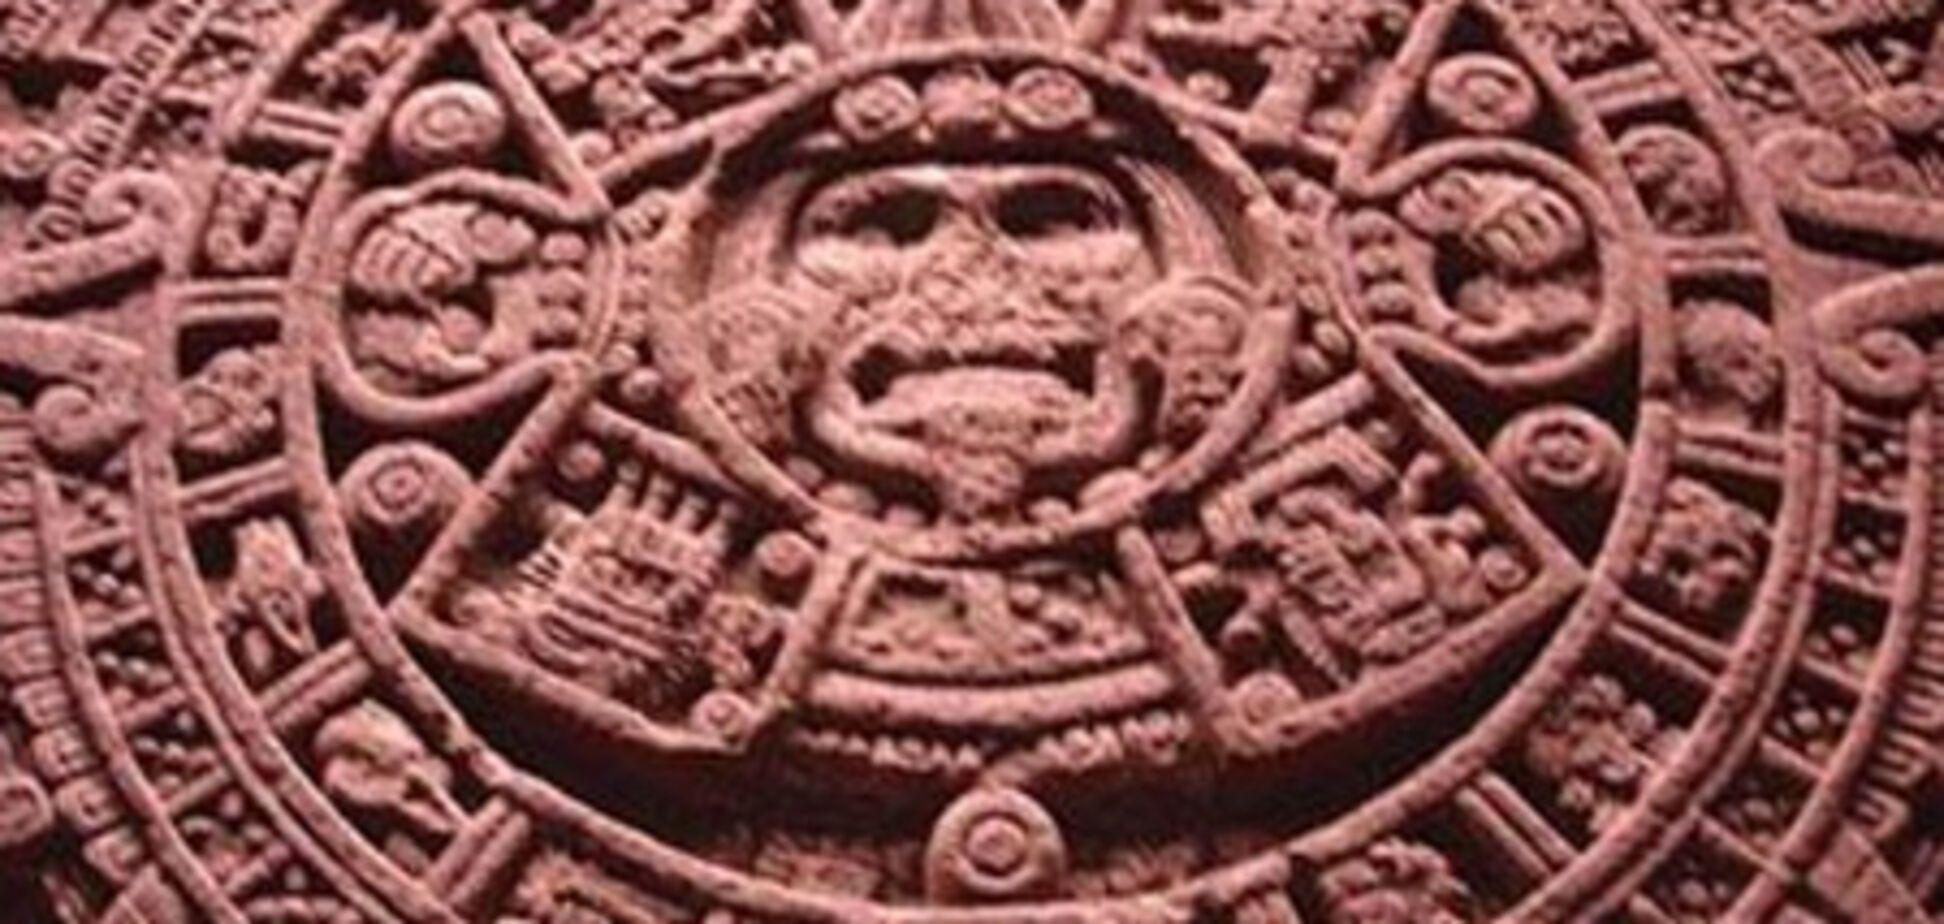 Кінця світу в 2012 не буде! Секрет майя розкритий